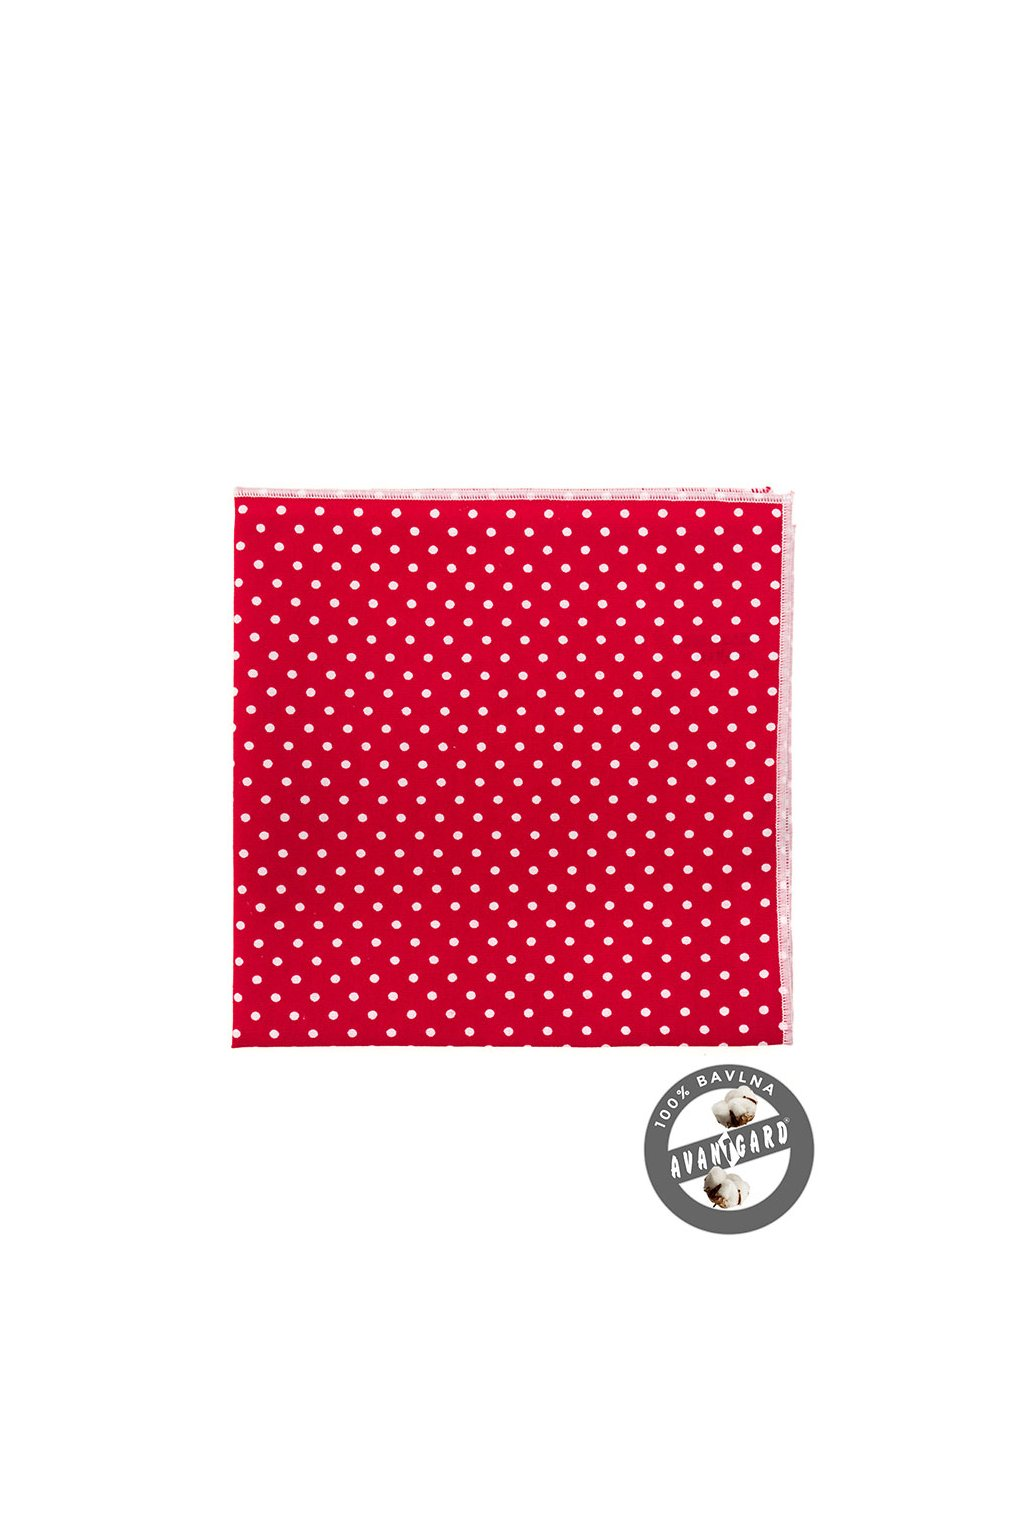 Červený kapesníček do saka s bílými okrajem a puntíky